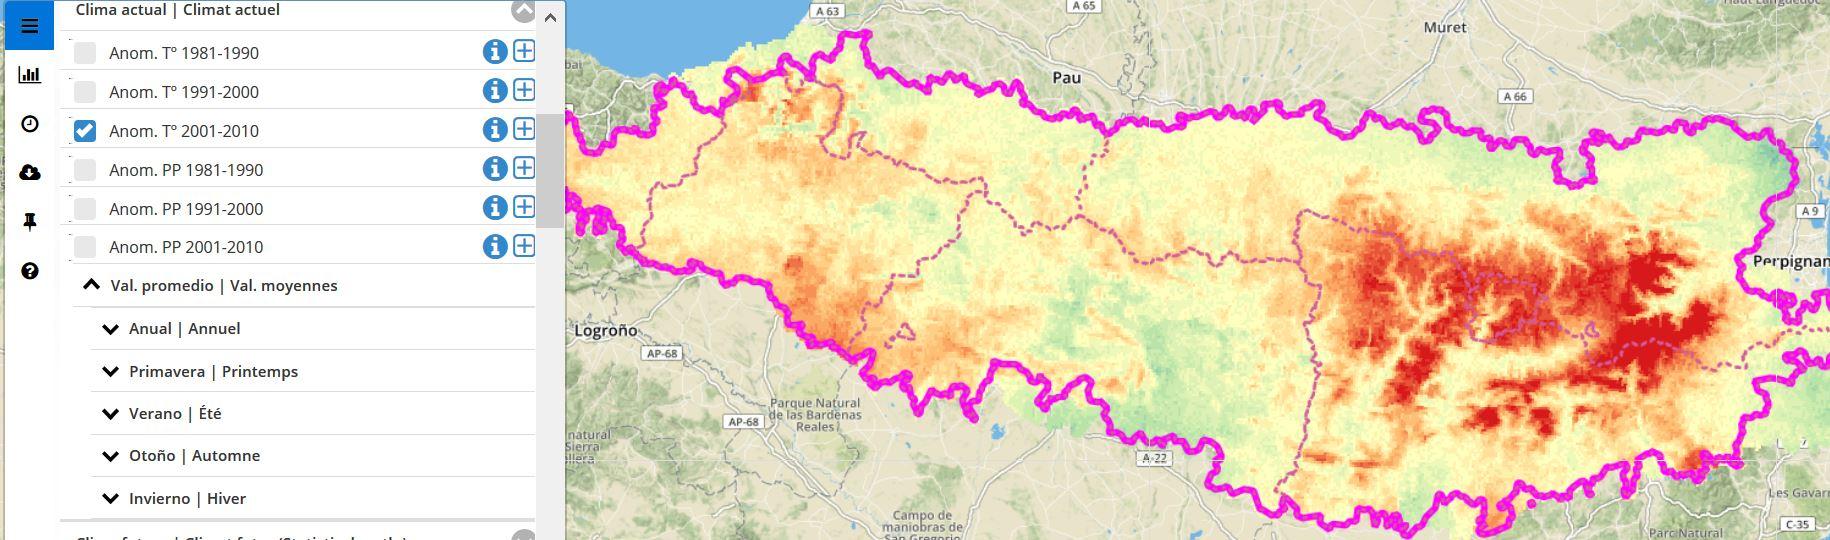 Anomalia de temperaturas en los Pirineos entre 2001 y 2010